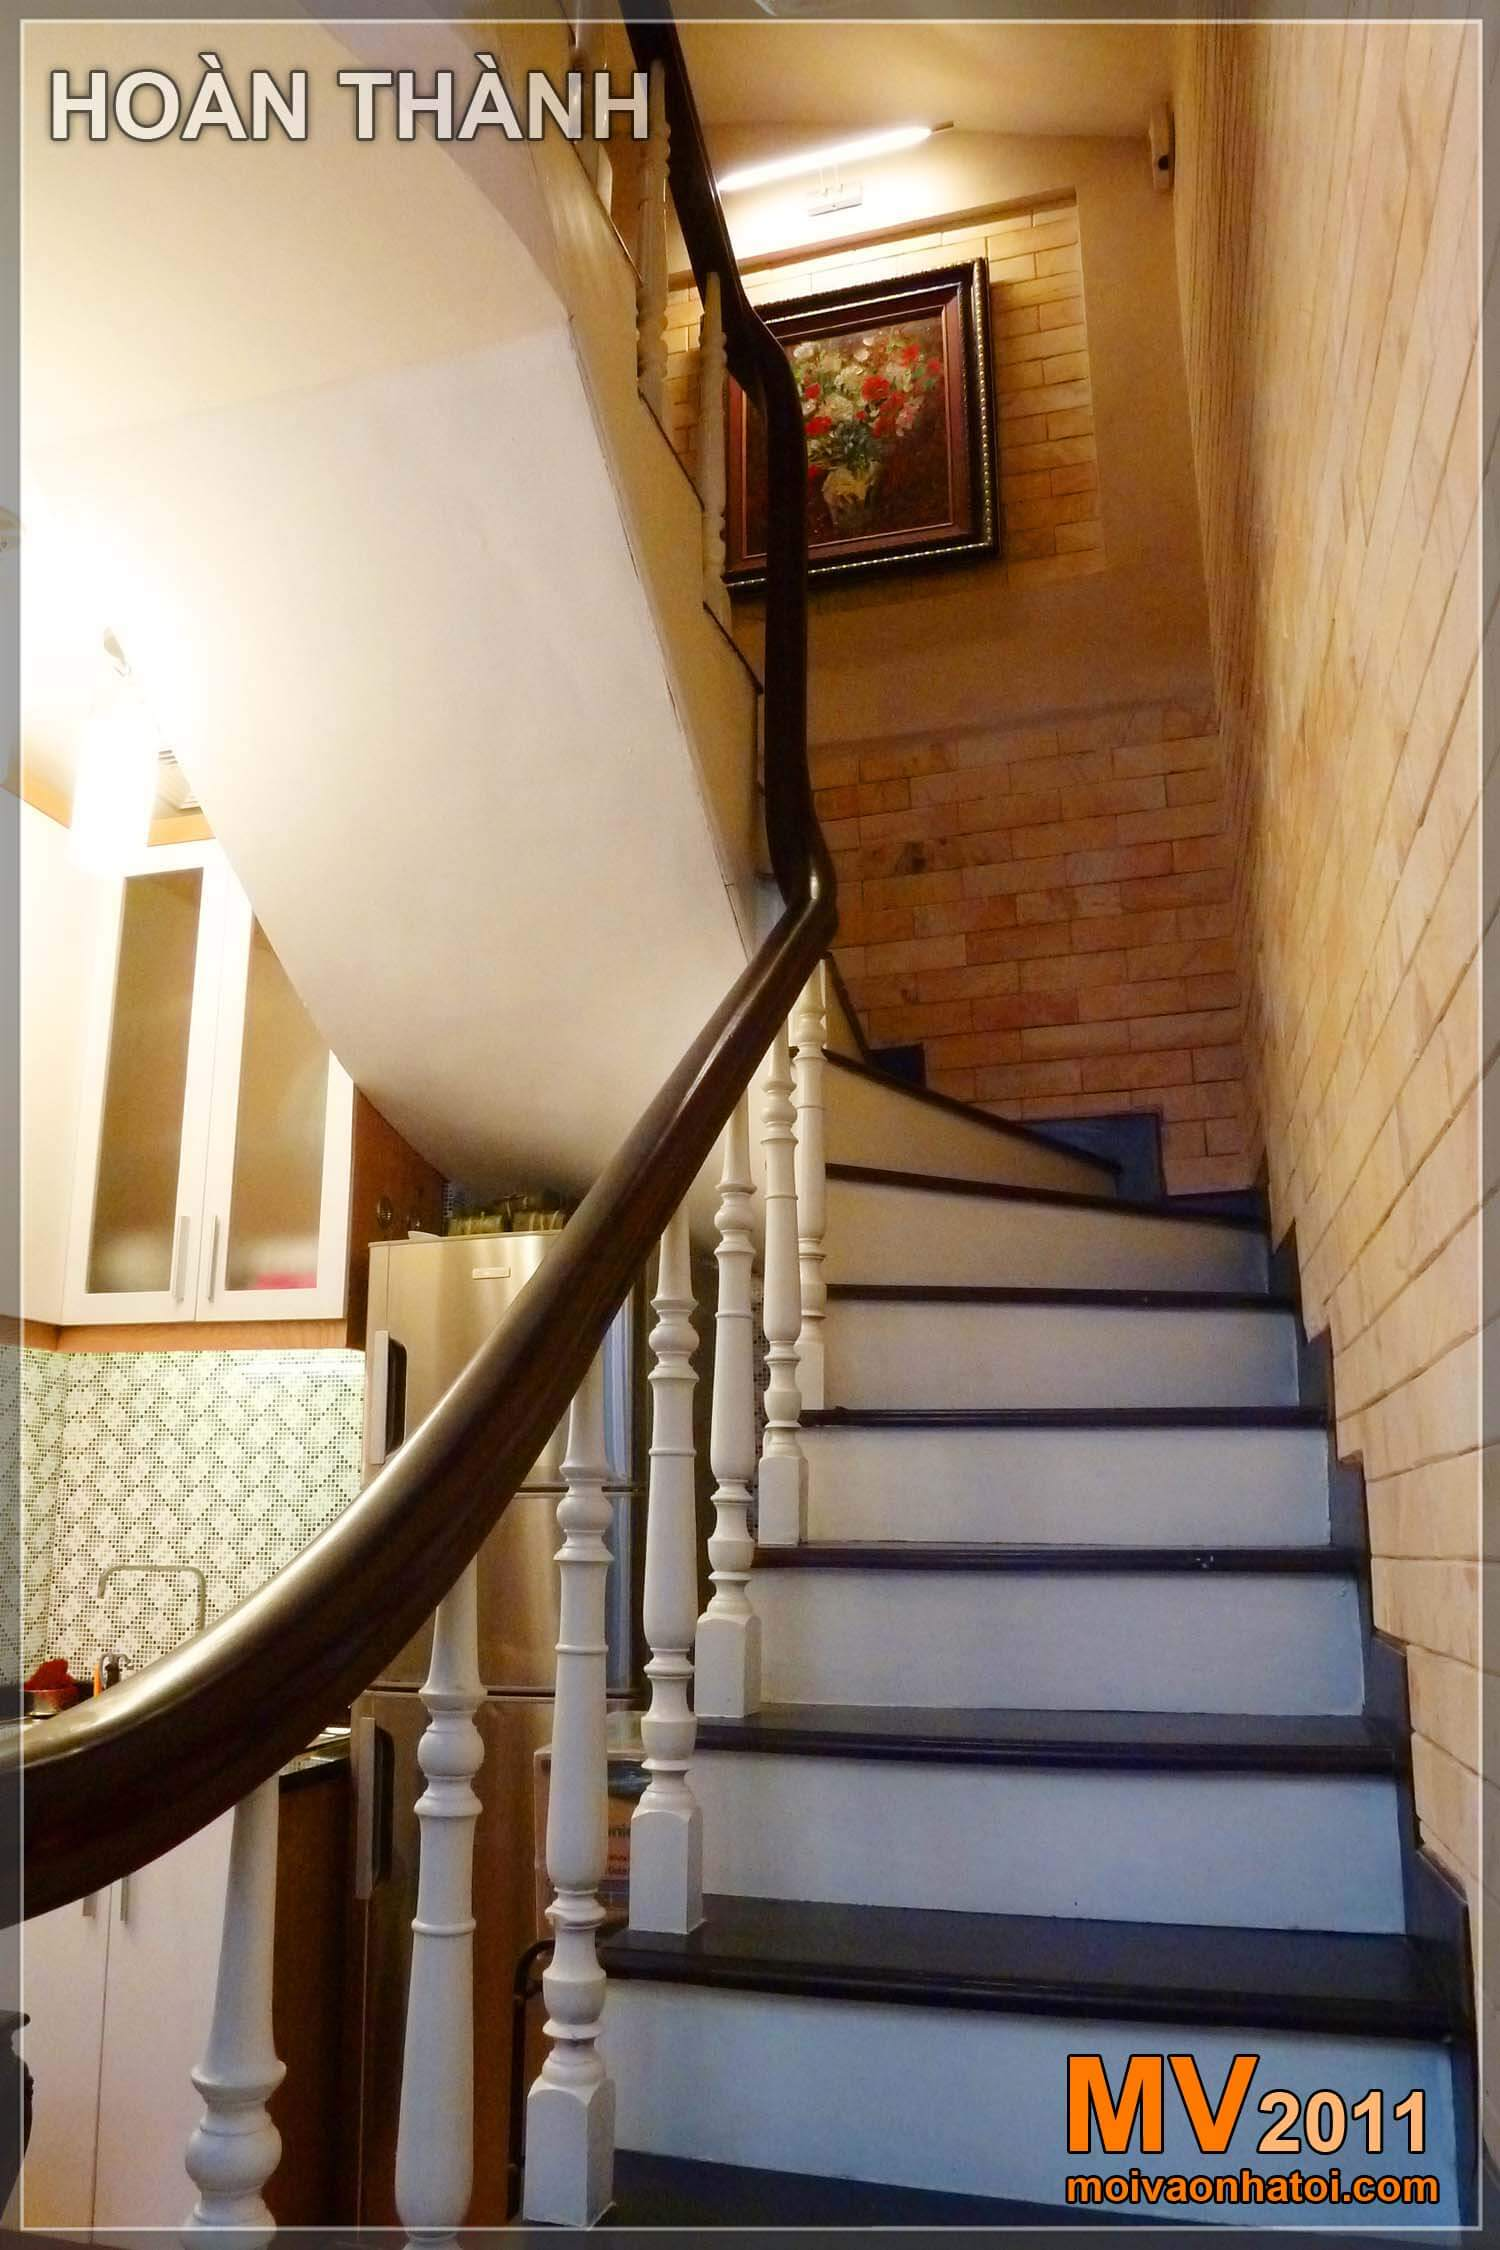 Không những tối tăm, mà nội thất nhà hiện trạng còn rất xuống cấp và ẩm thấp. Trước và sau